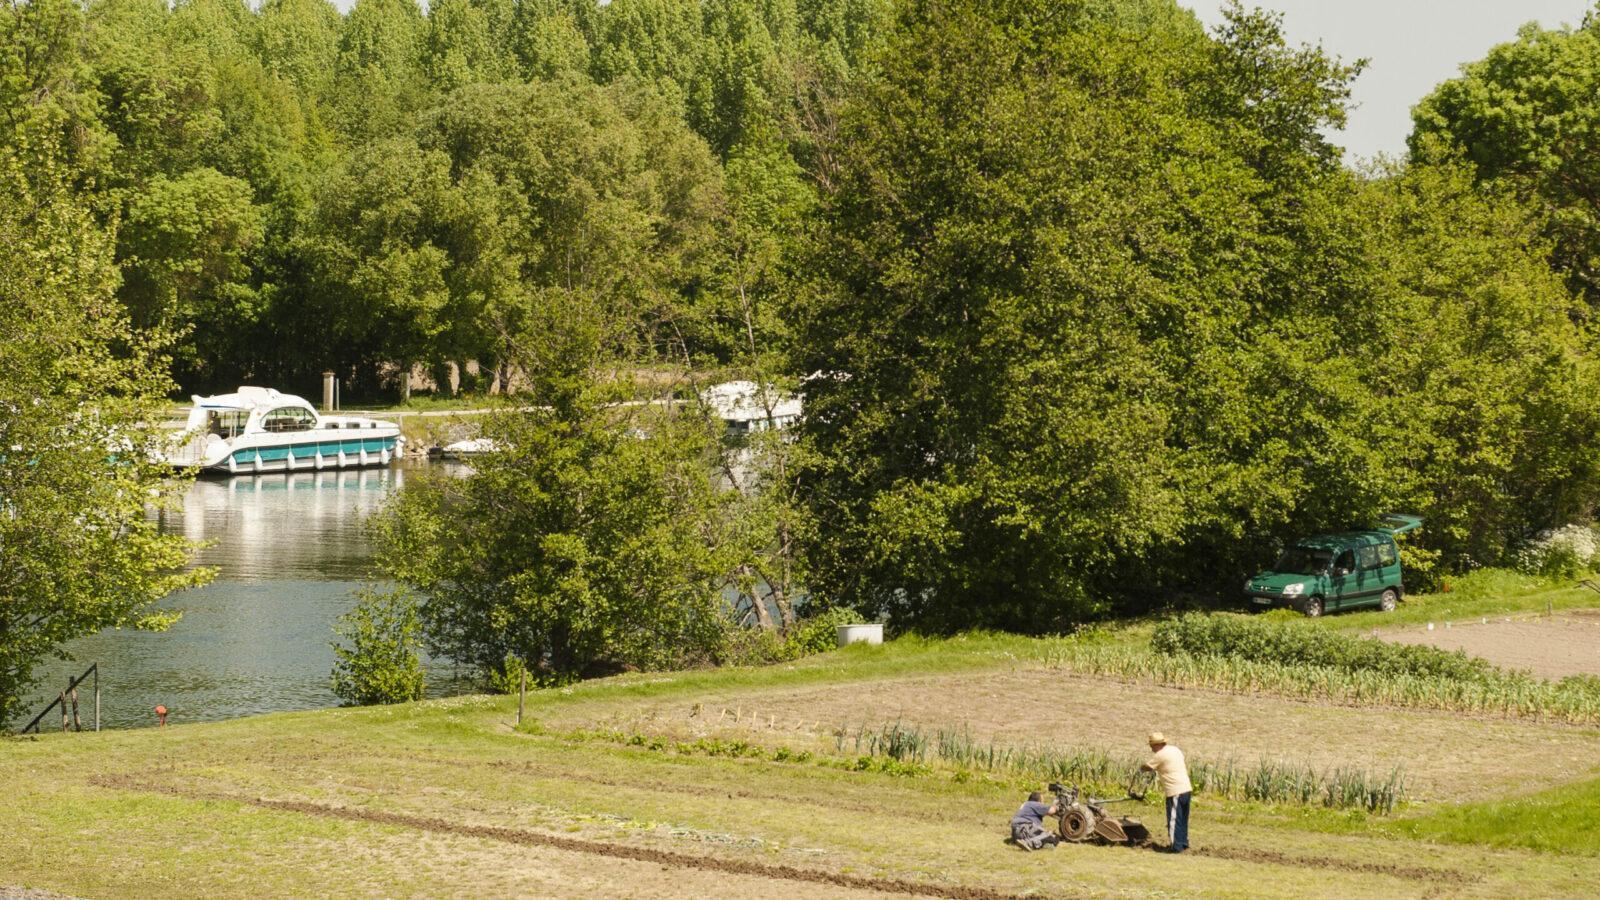 Gegenüber vom Liegeplatz von Sireuil bestellten Bauern ihr Feld. Foto: Hilke Maunder